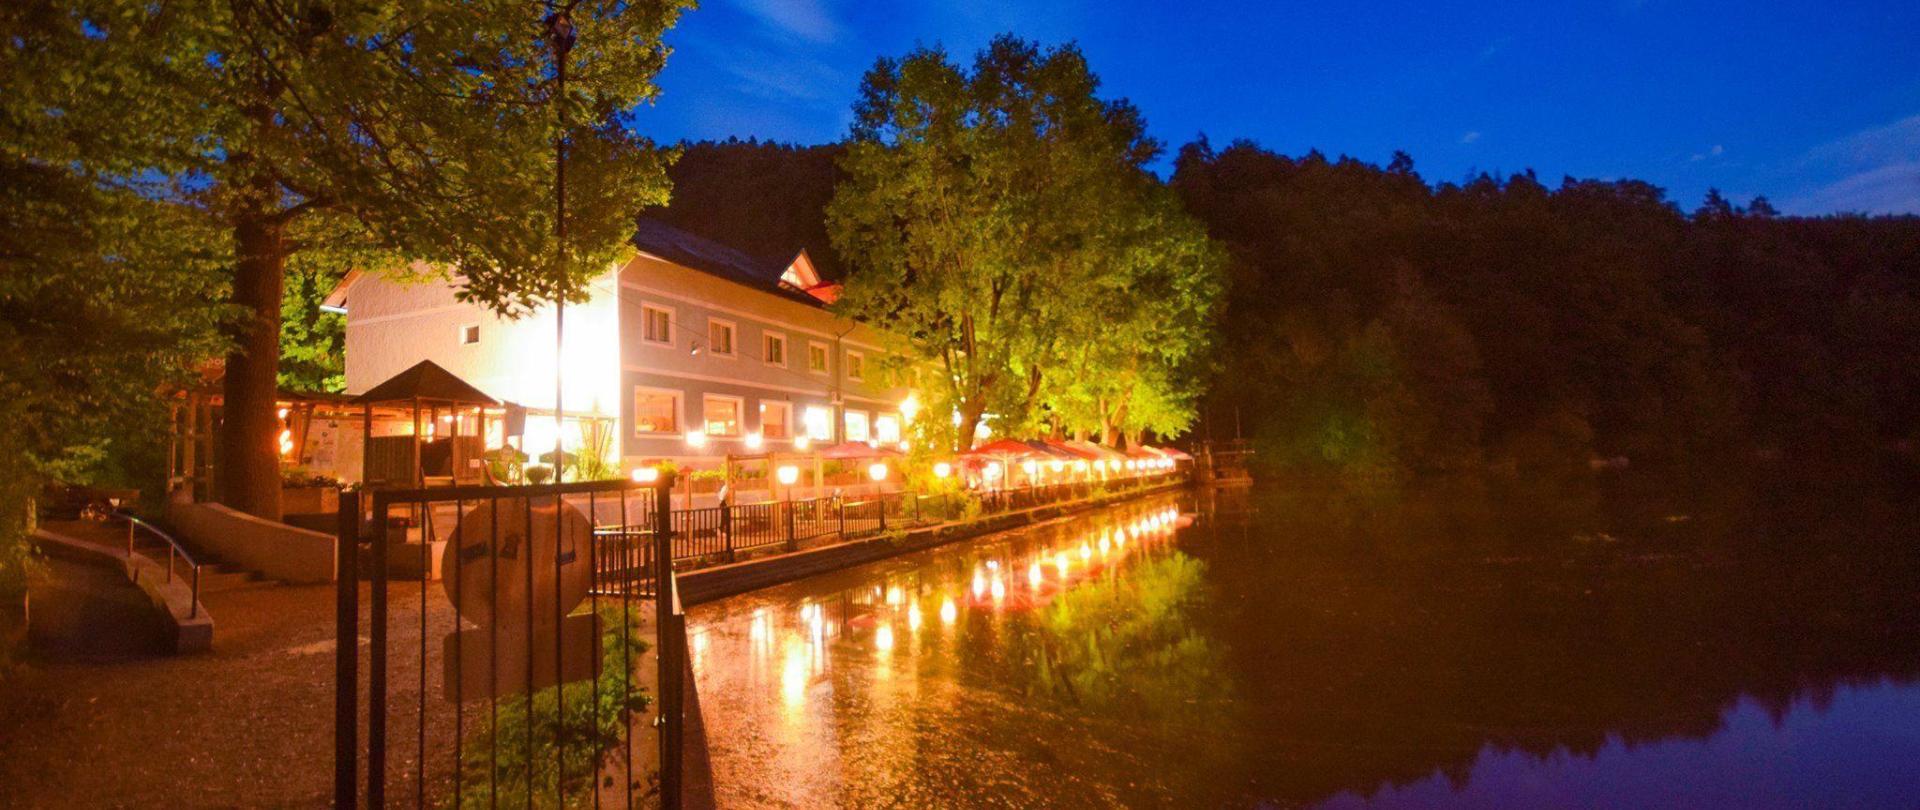 Restaurant Thalersee Terrase im Nacht.jpg